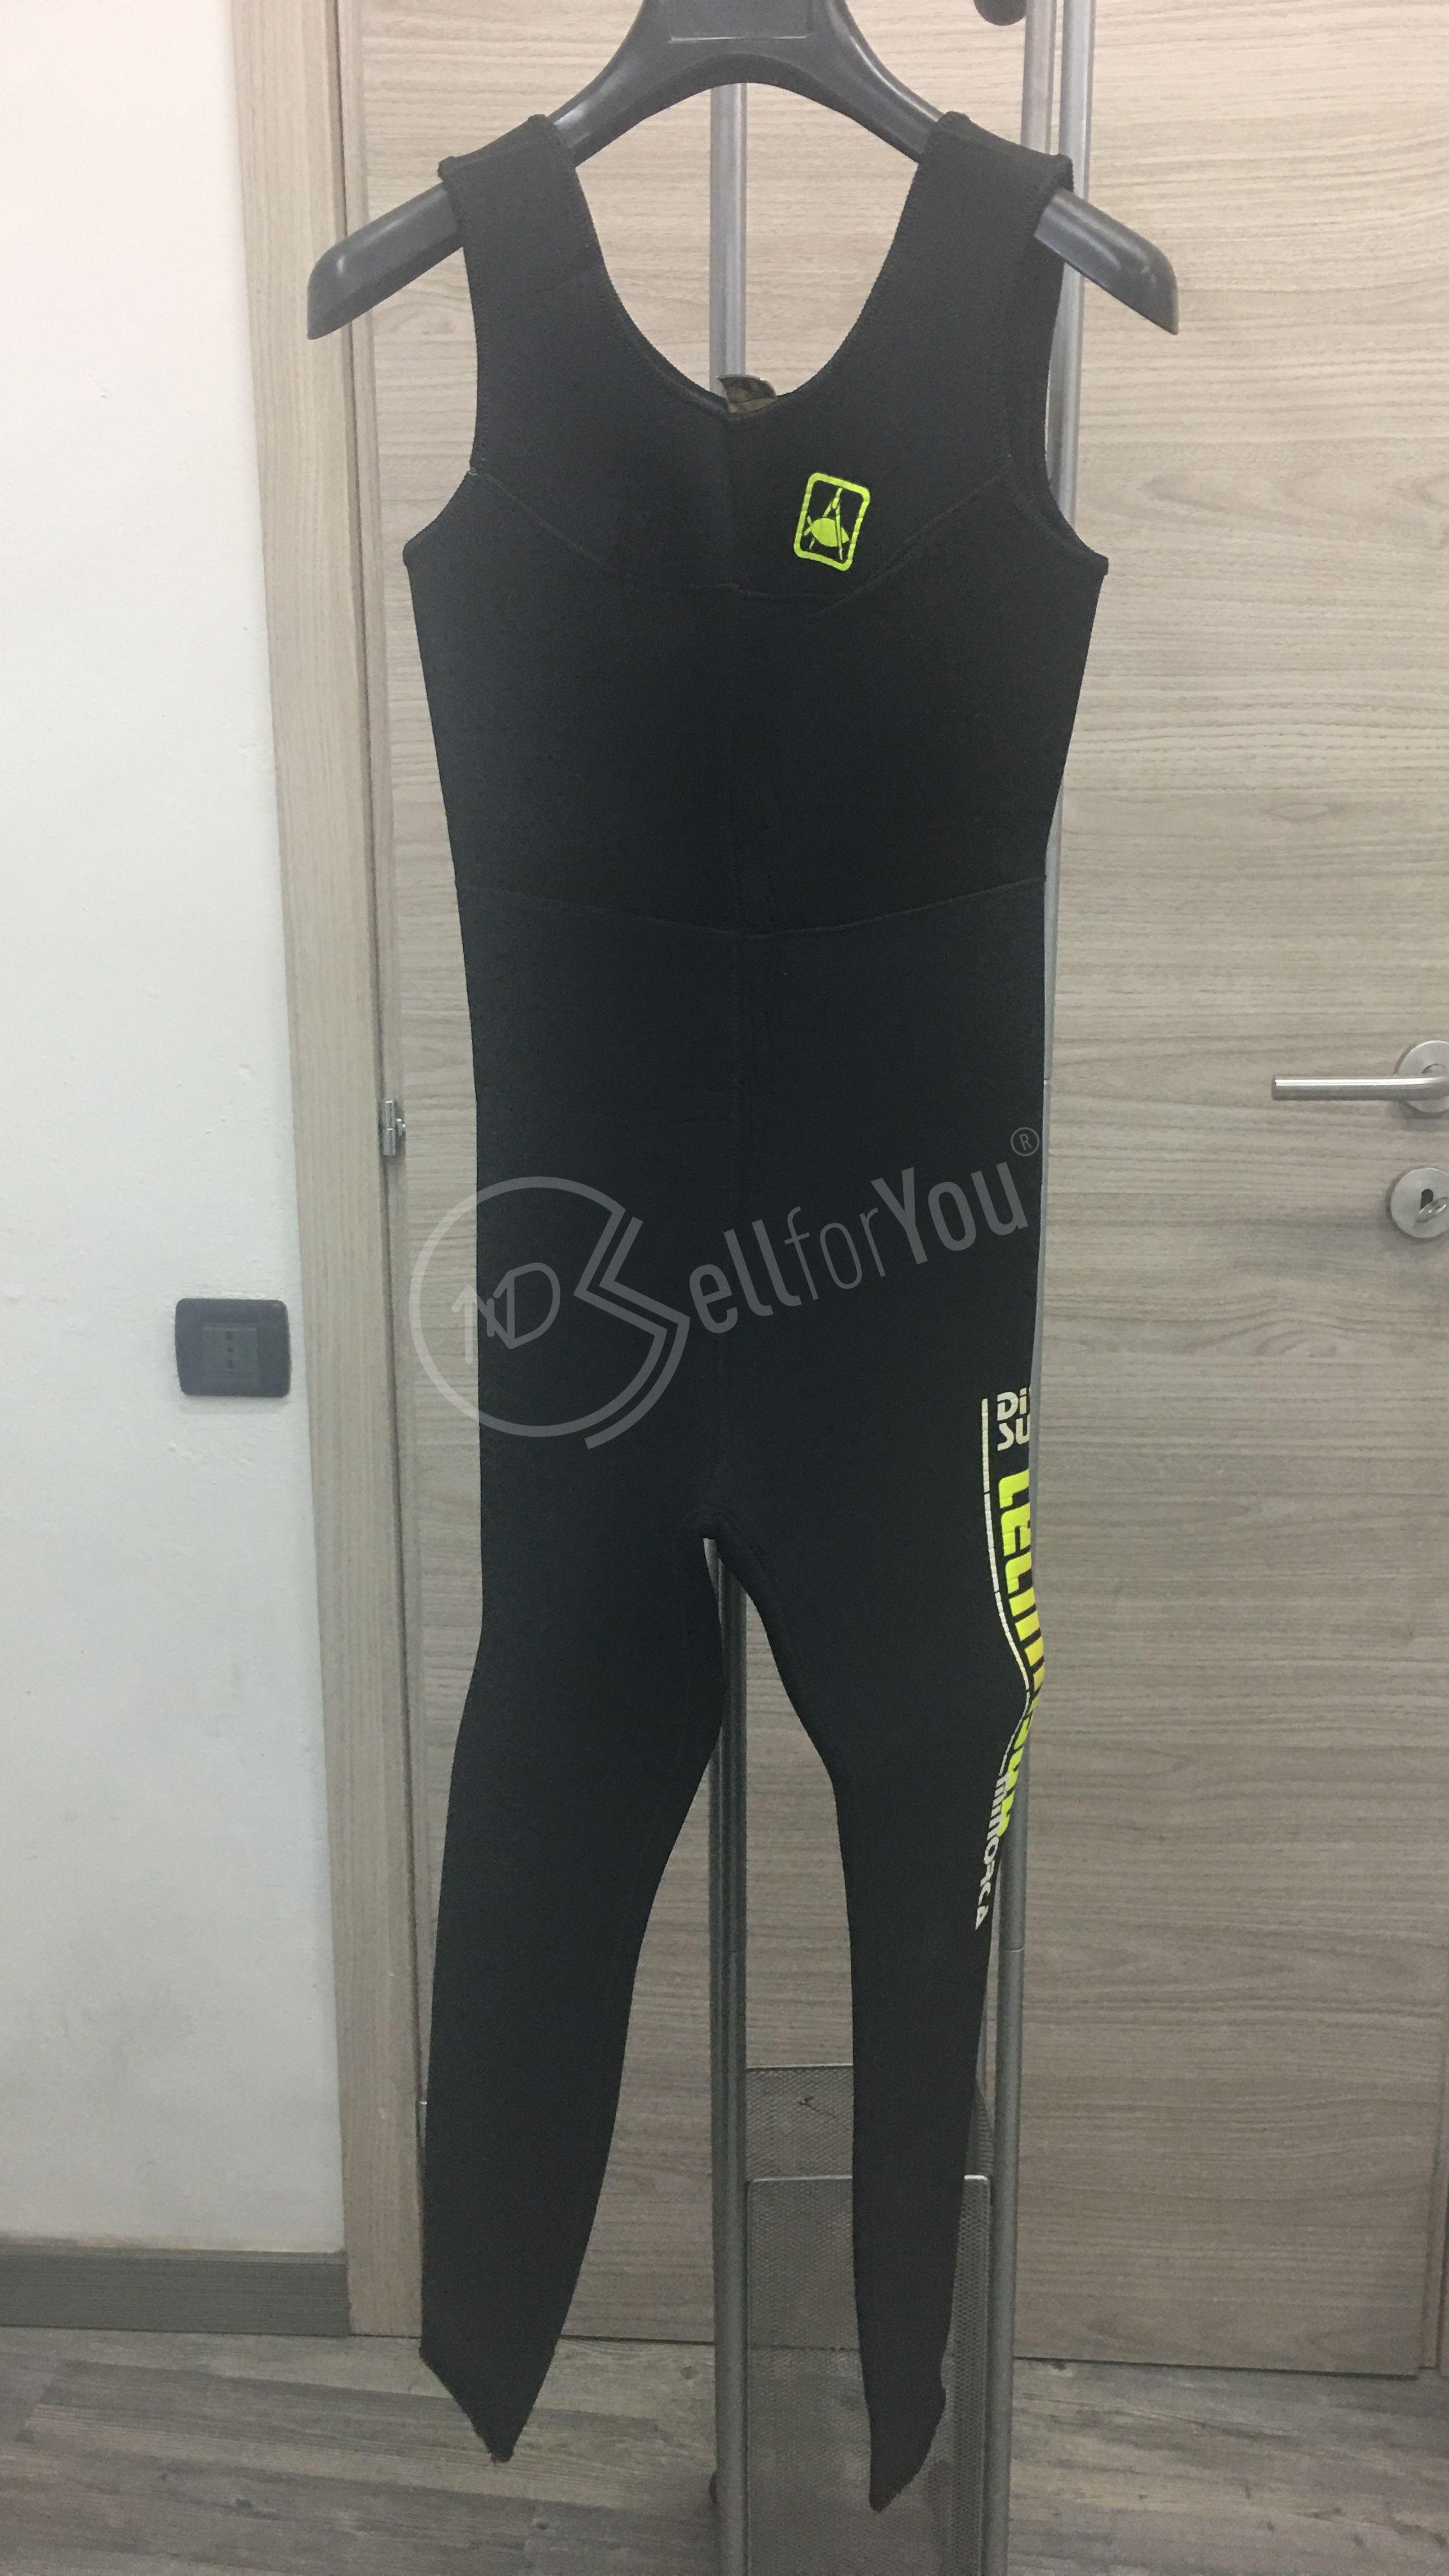 sellforyou immagine default articolo correlato non trovatoMuta pantalone salopette Minorca lady tg 3 (46) Technisub